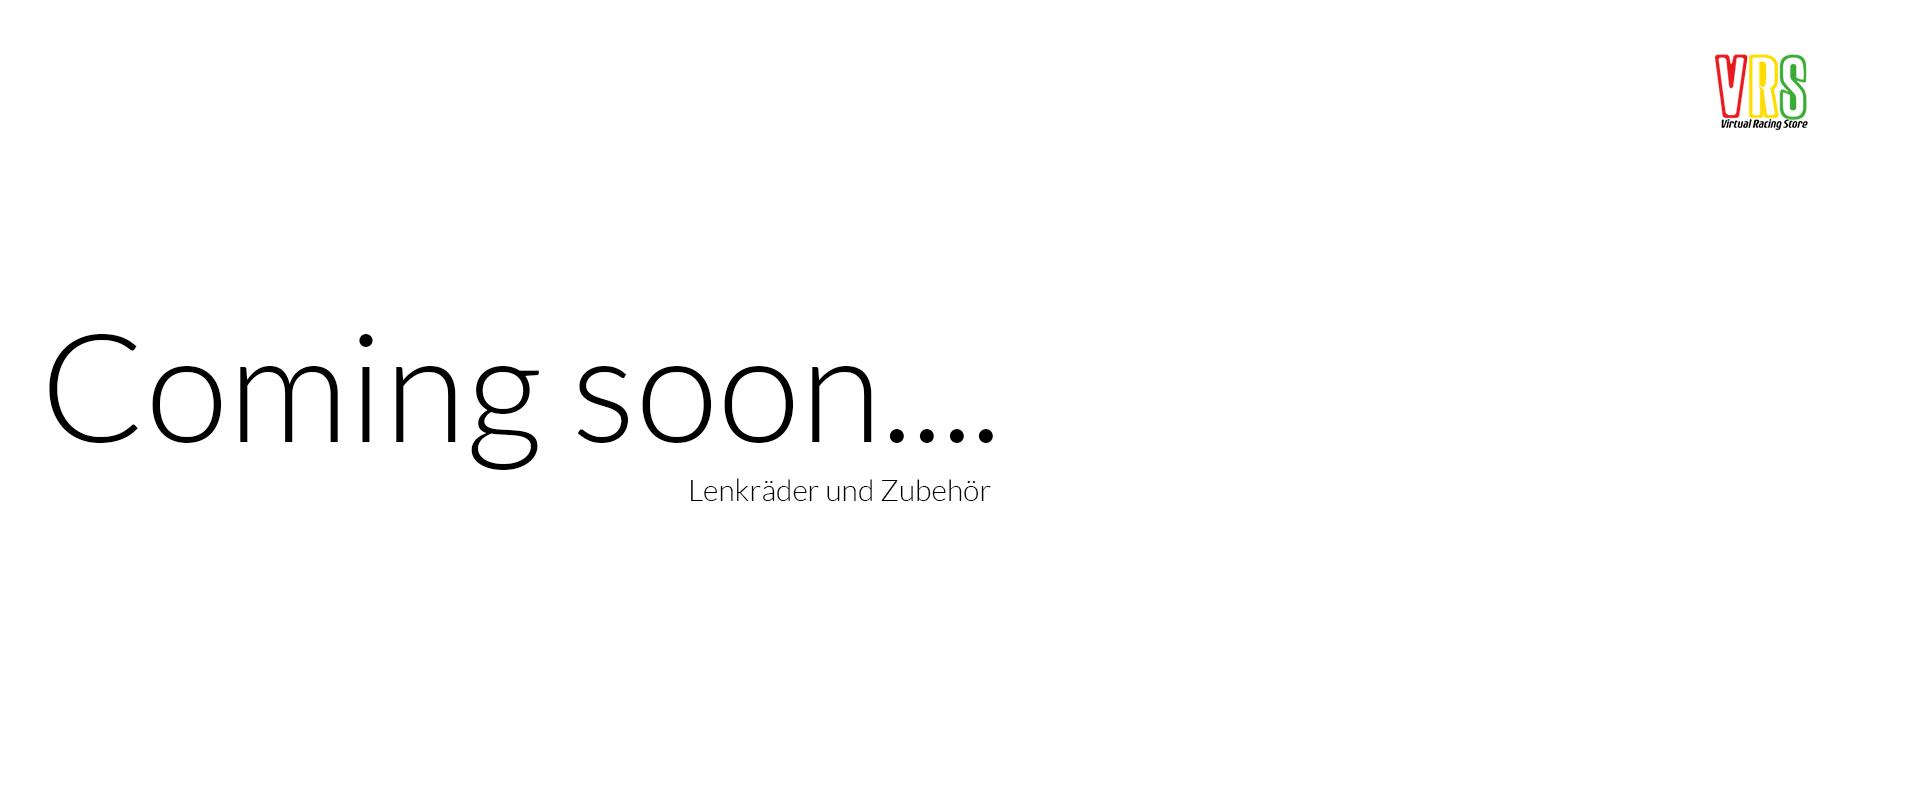 coming_soon_lenk